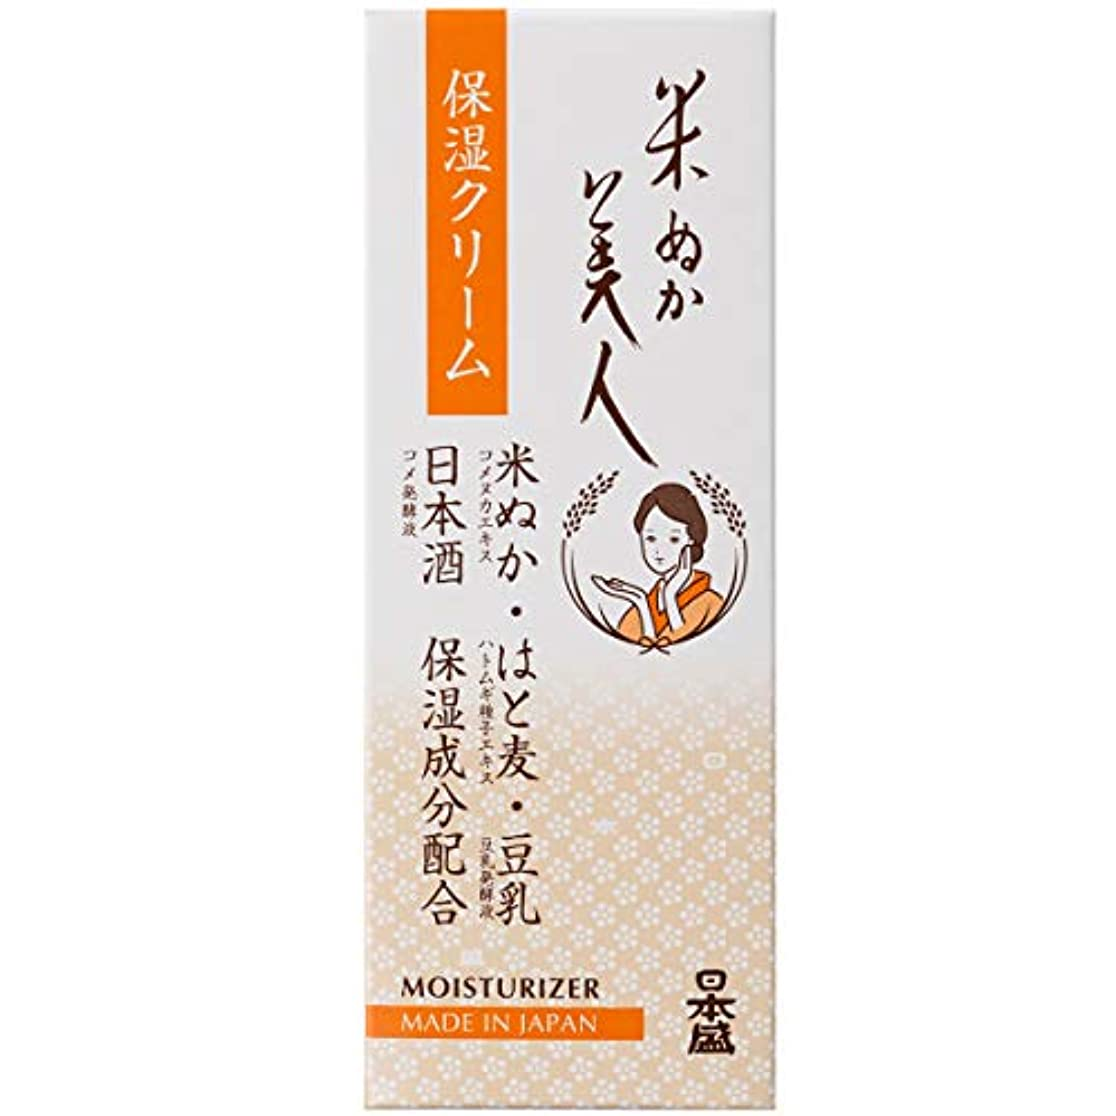 言うまでもなく市場余剰米ぬか美人 保湿クリーム 35g